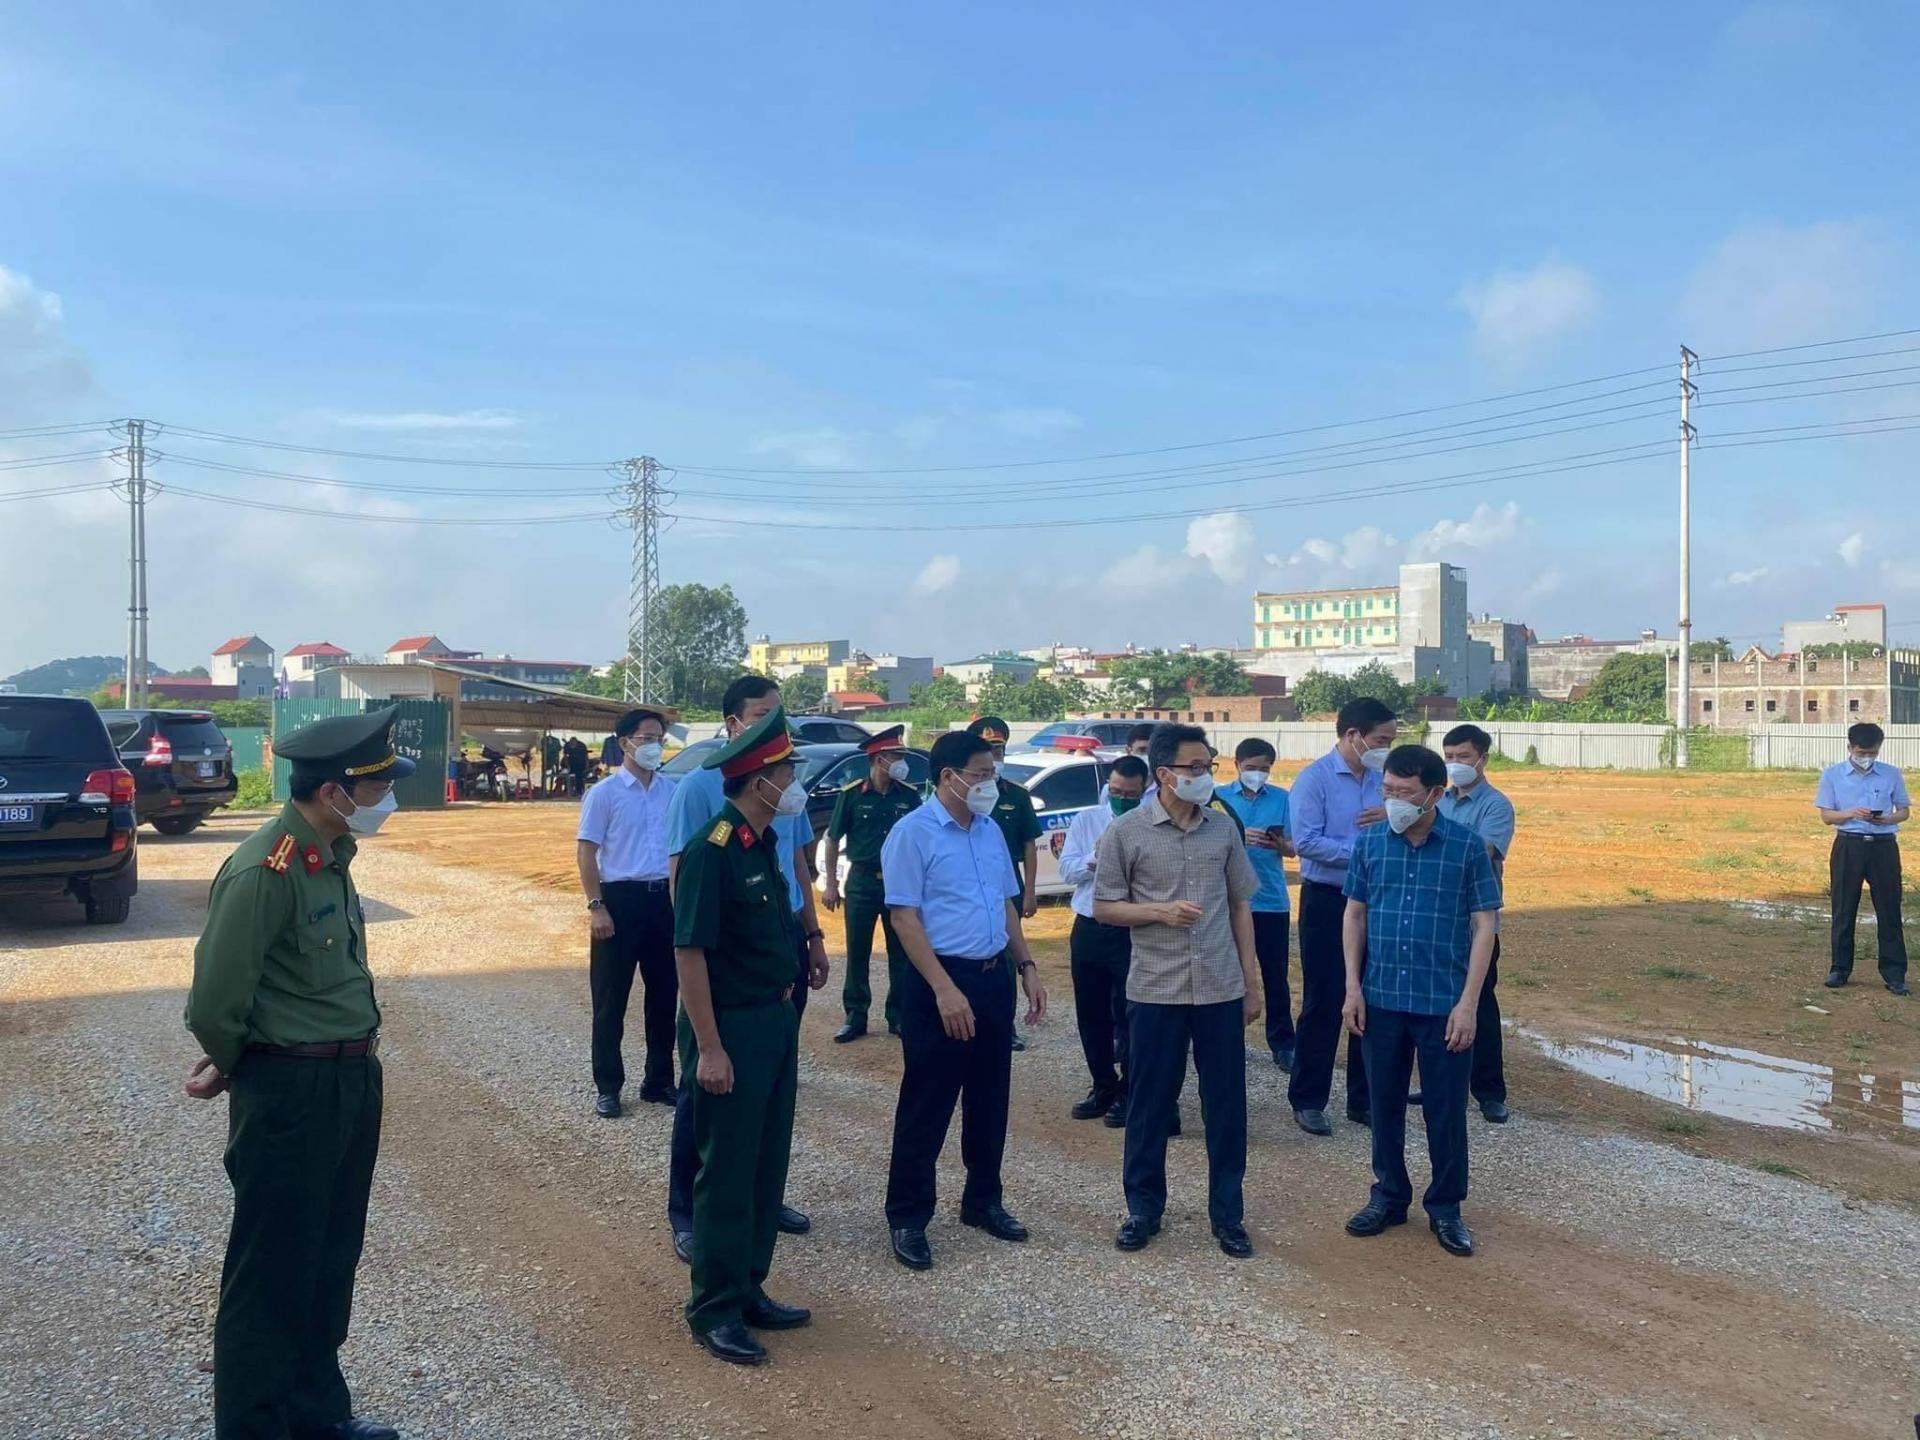 Phó Thủ tướng Vũ Đức Đam kiểm tra công tác chống dịch tại Bắc Giang vào sáng 26/5.